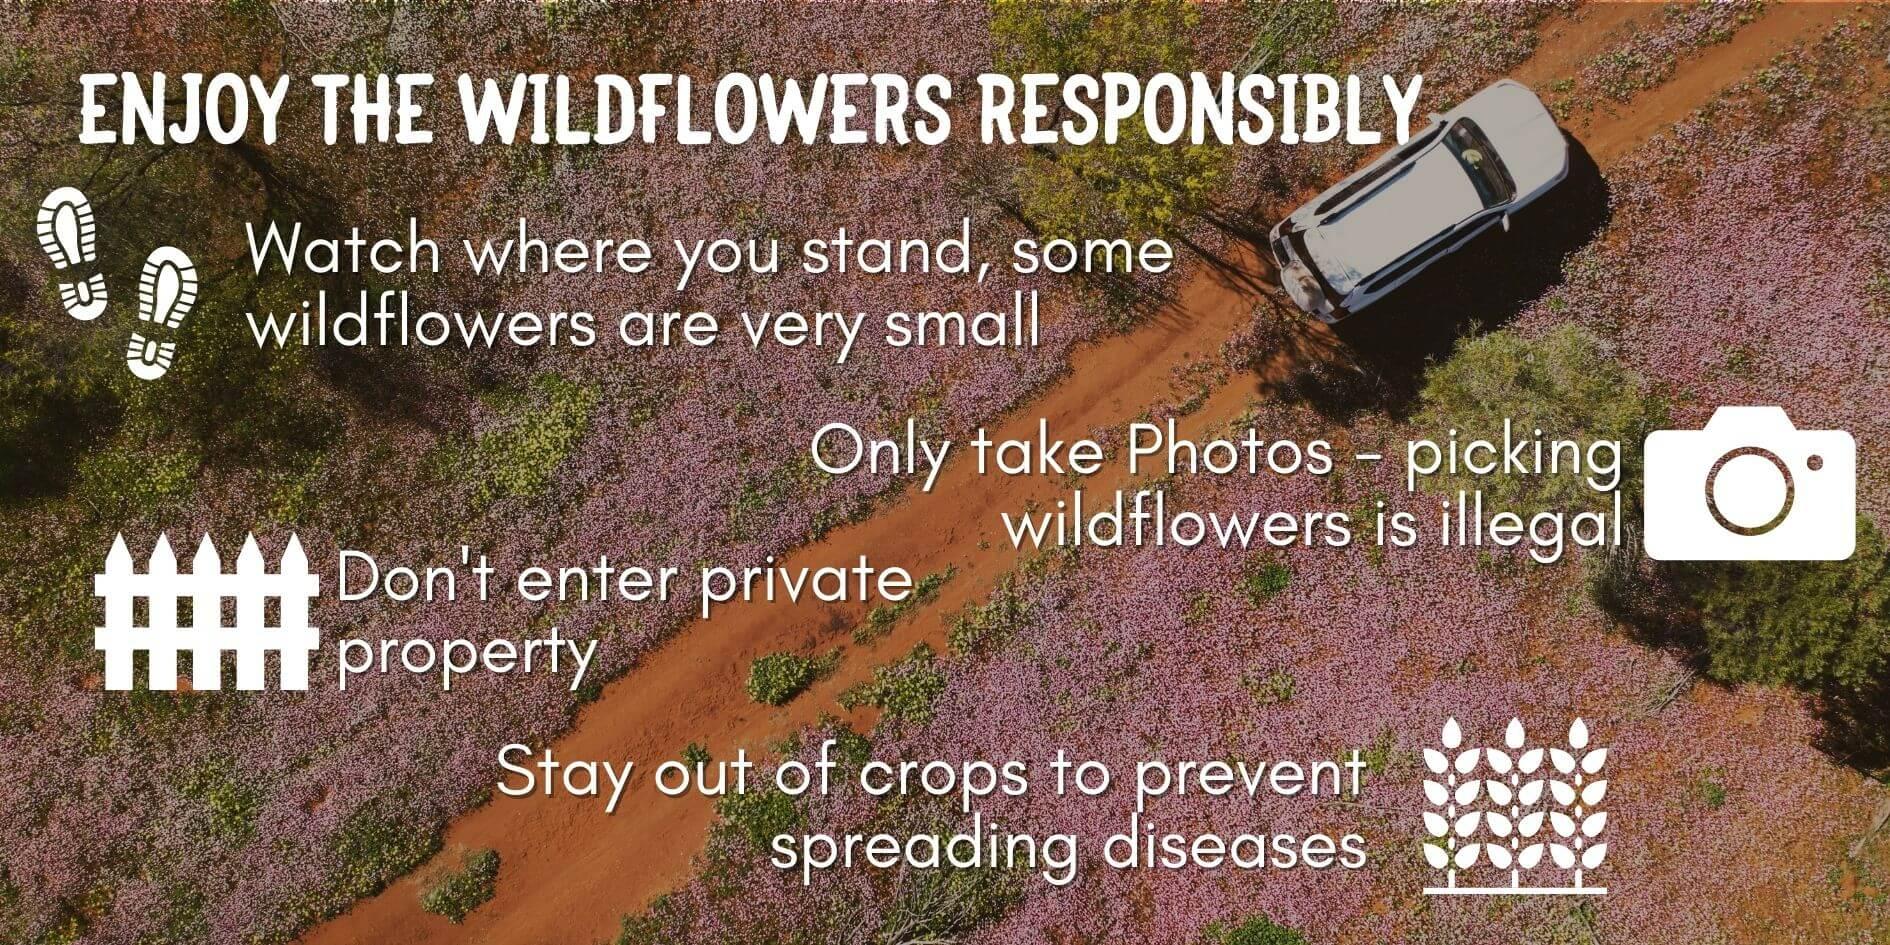 How to Enjoy WA Wildflowers responsibly